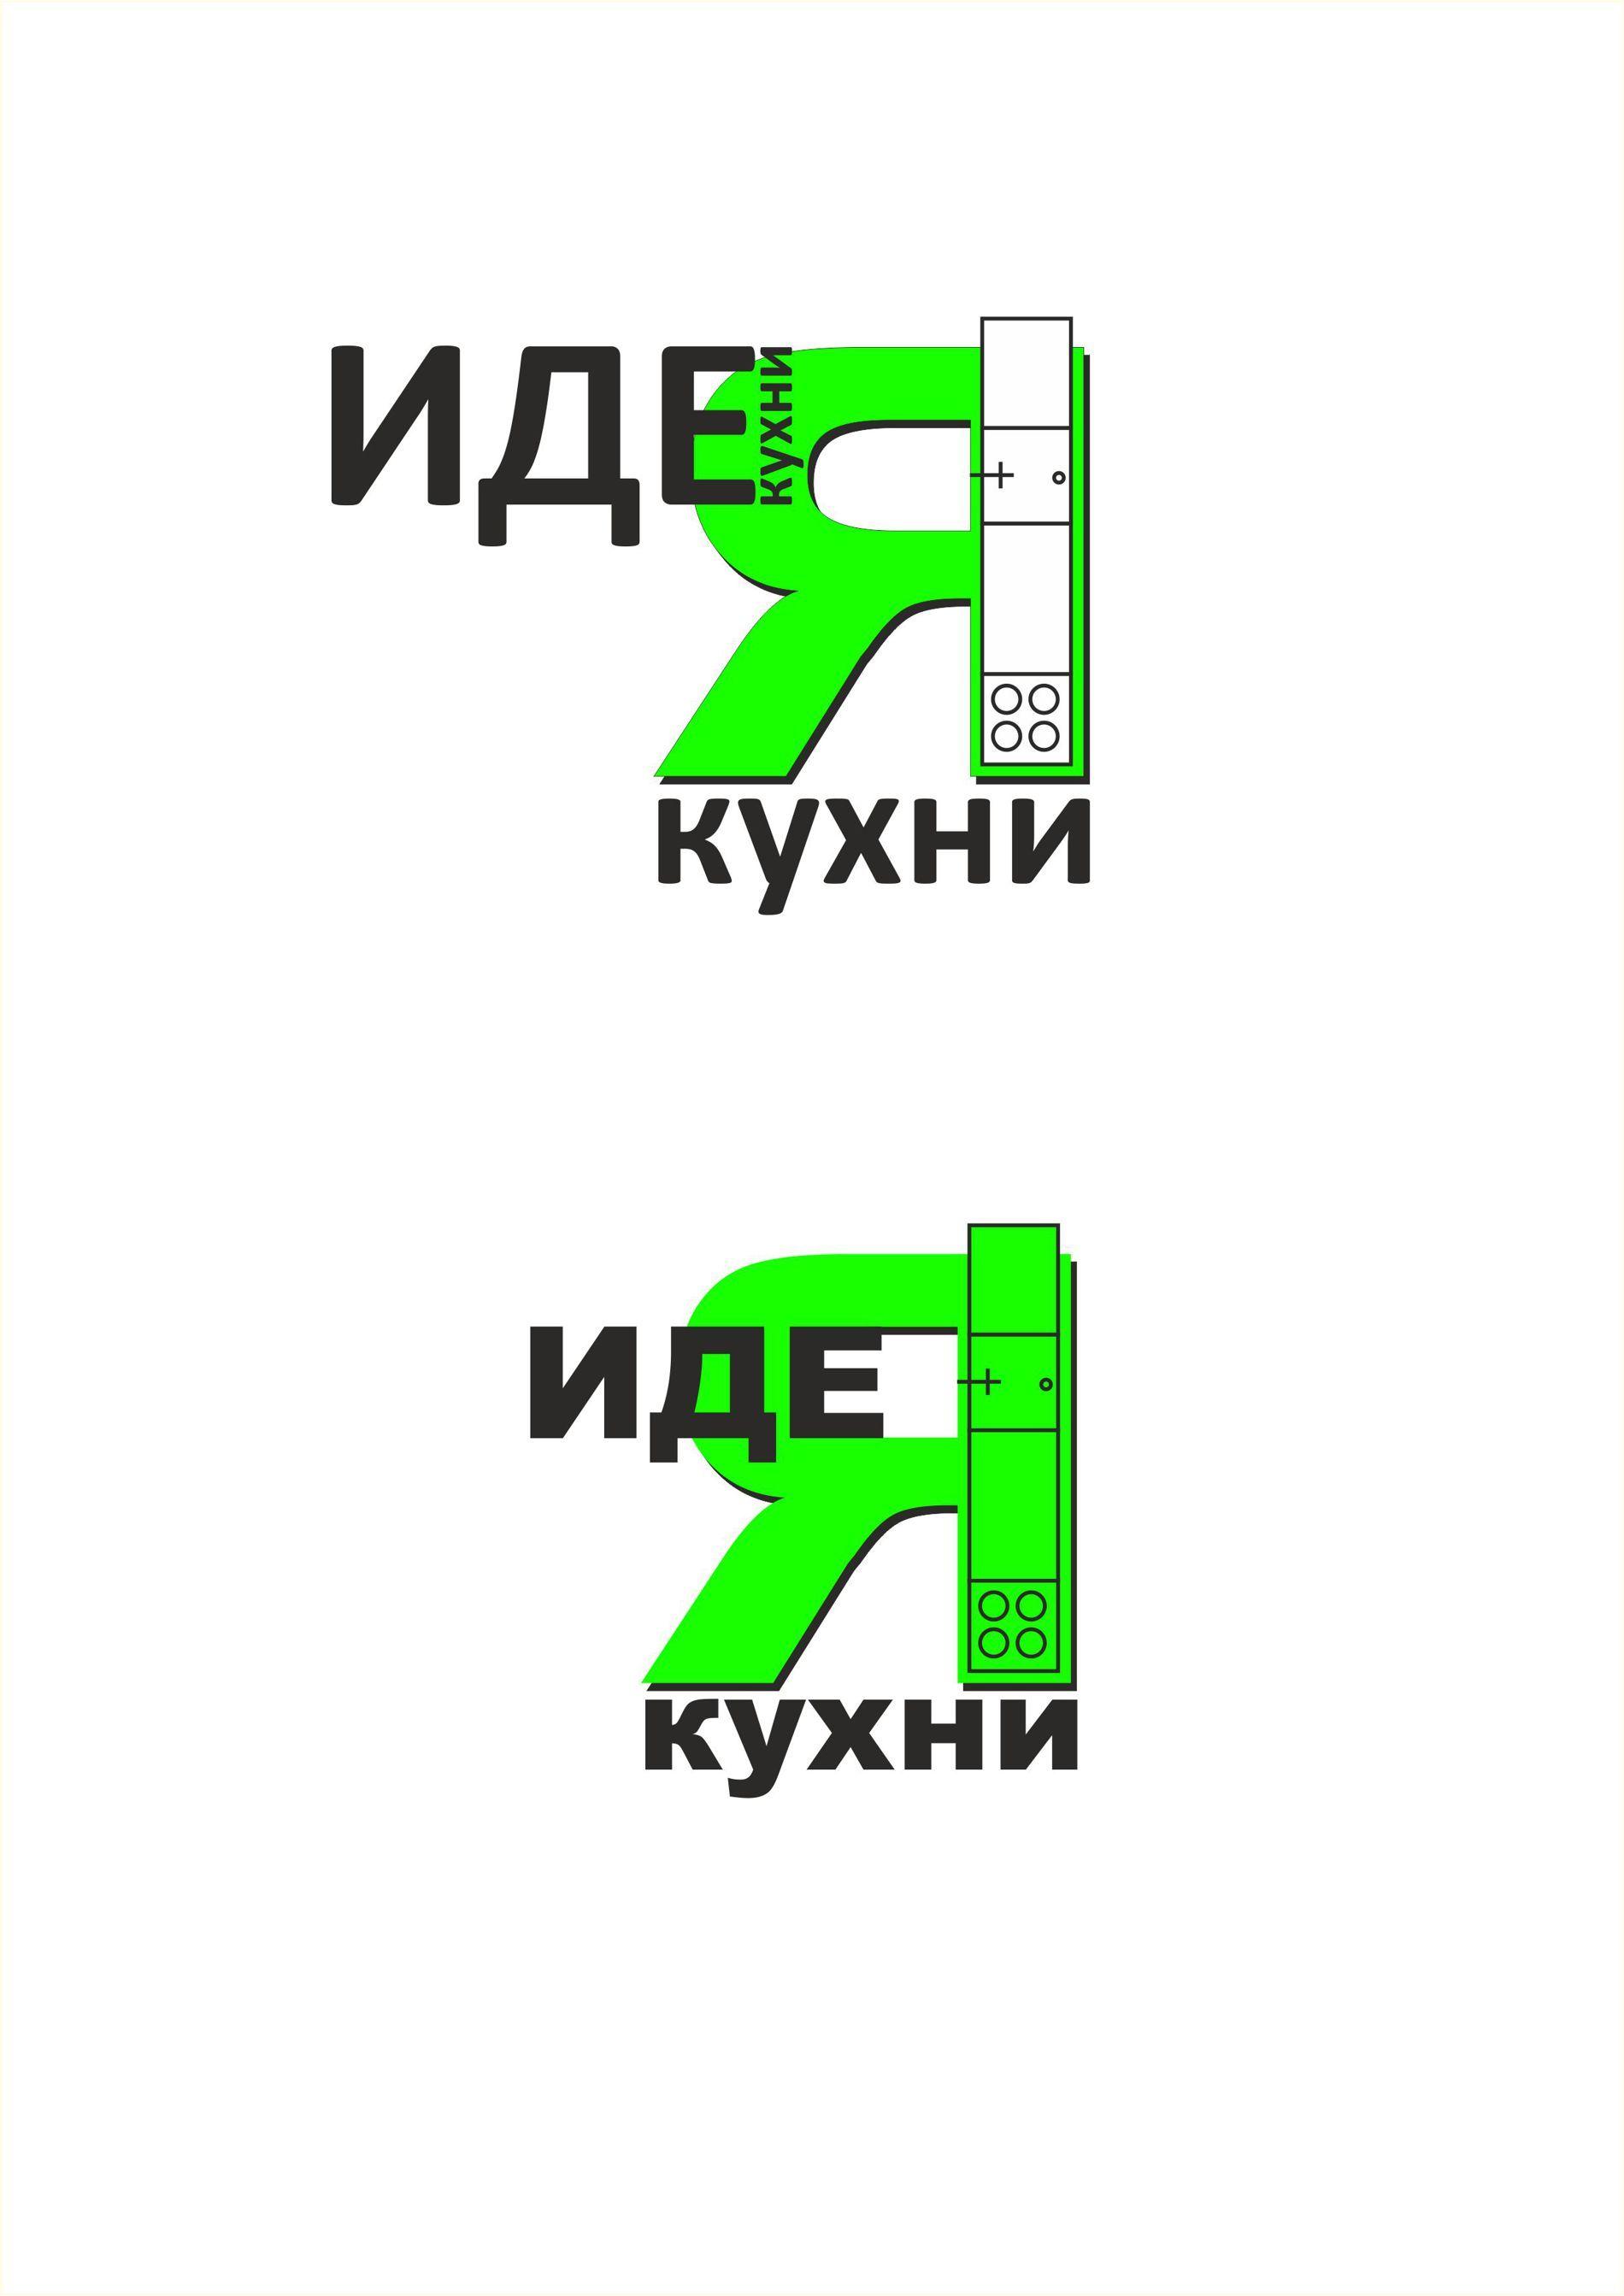 Логотип для Идея кухни - дизайнер Alta80